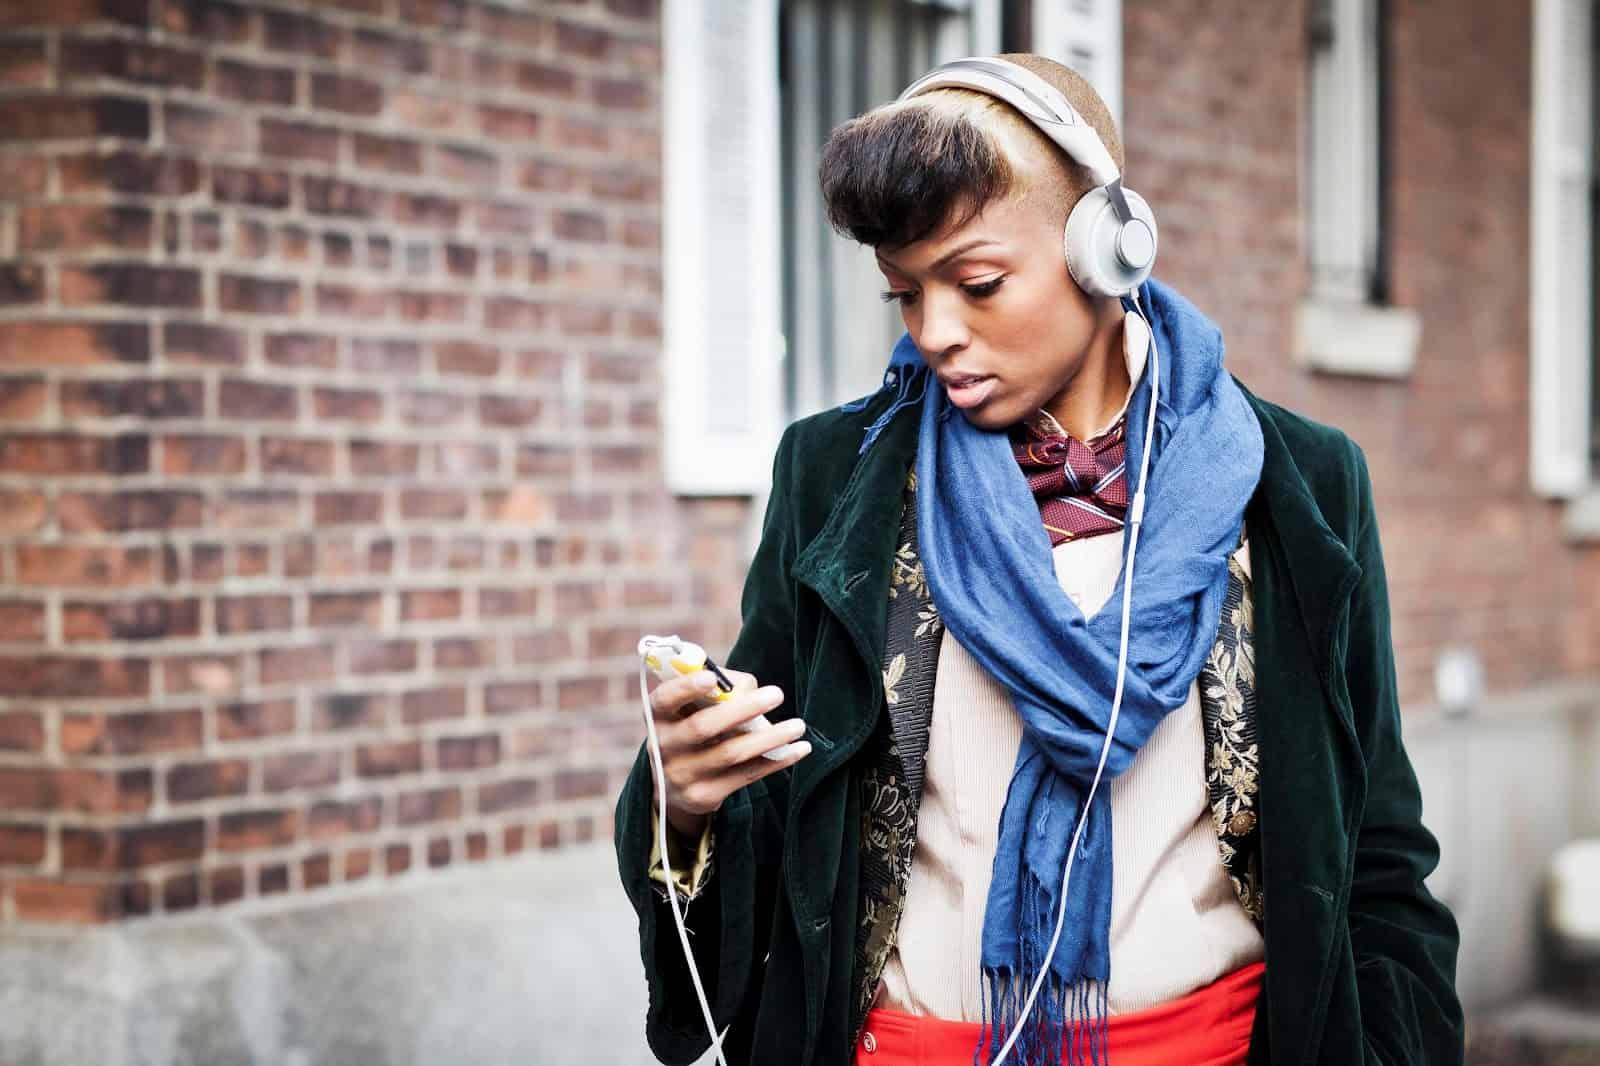 street-style-headphones-26